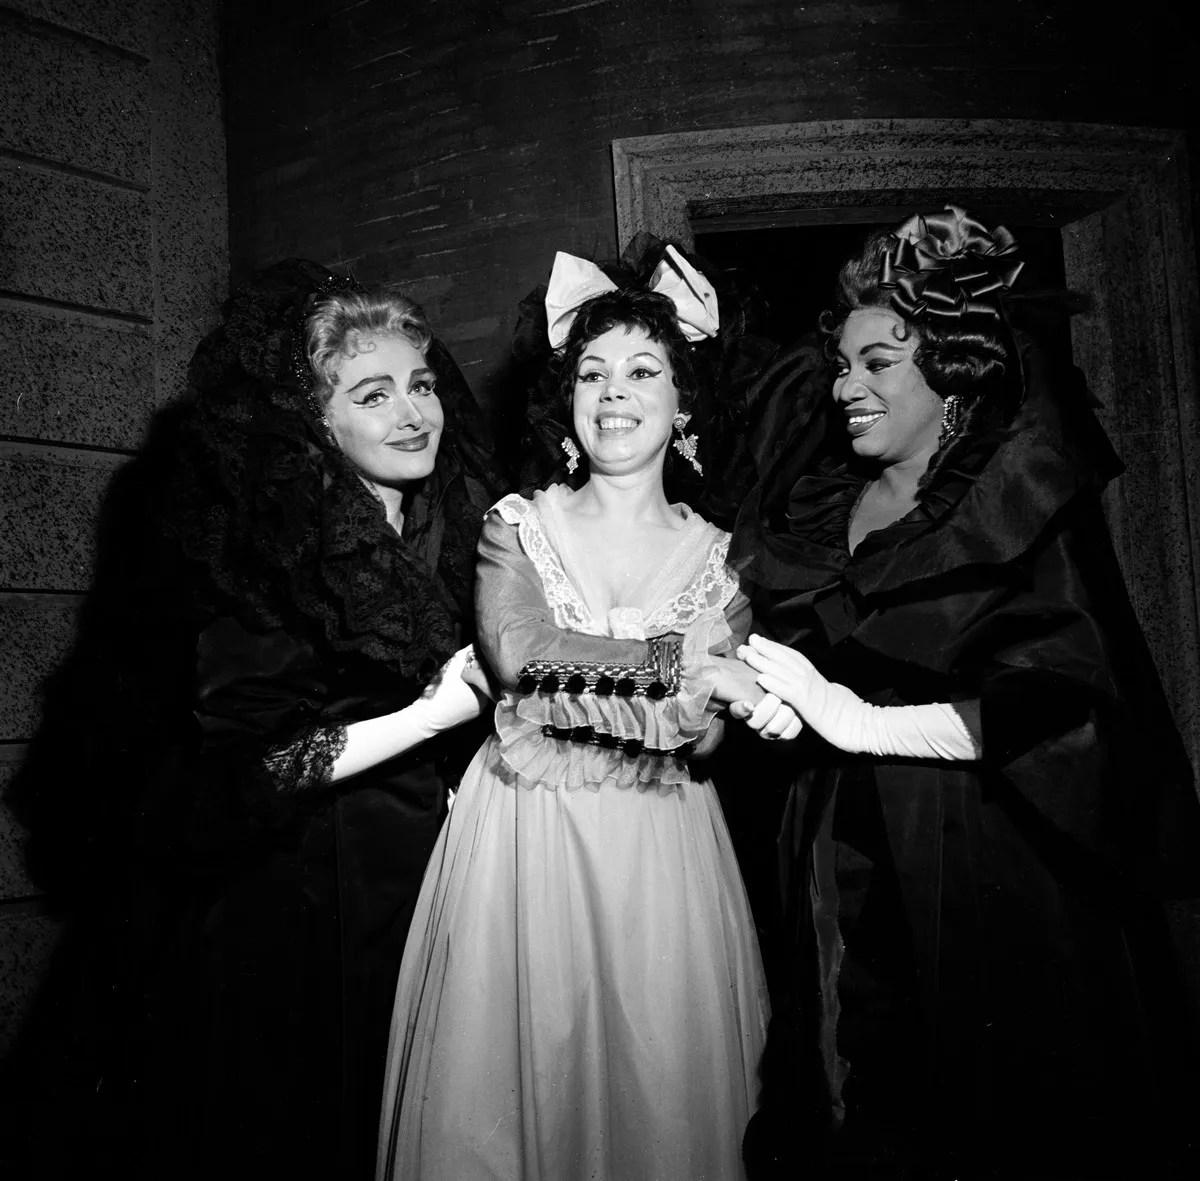 05 Mirella Freni in DON GIOVANNI 1963 with Schwatzkopf and Price photo by Erio Piccagliani © Teatro alla Scala